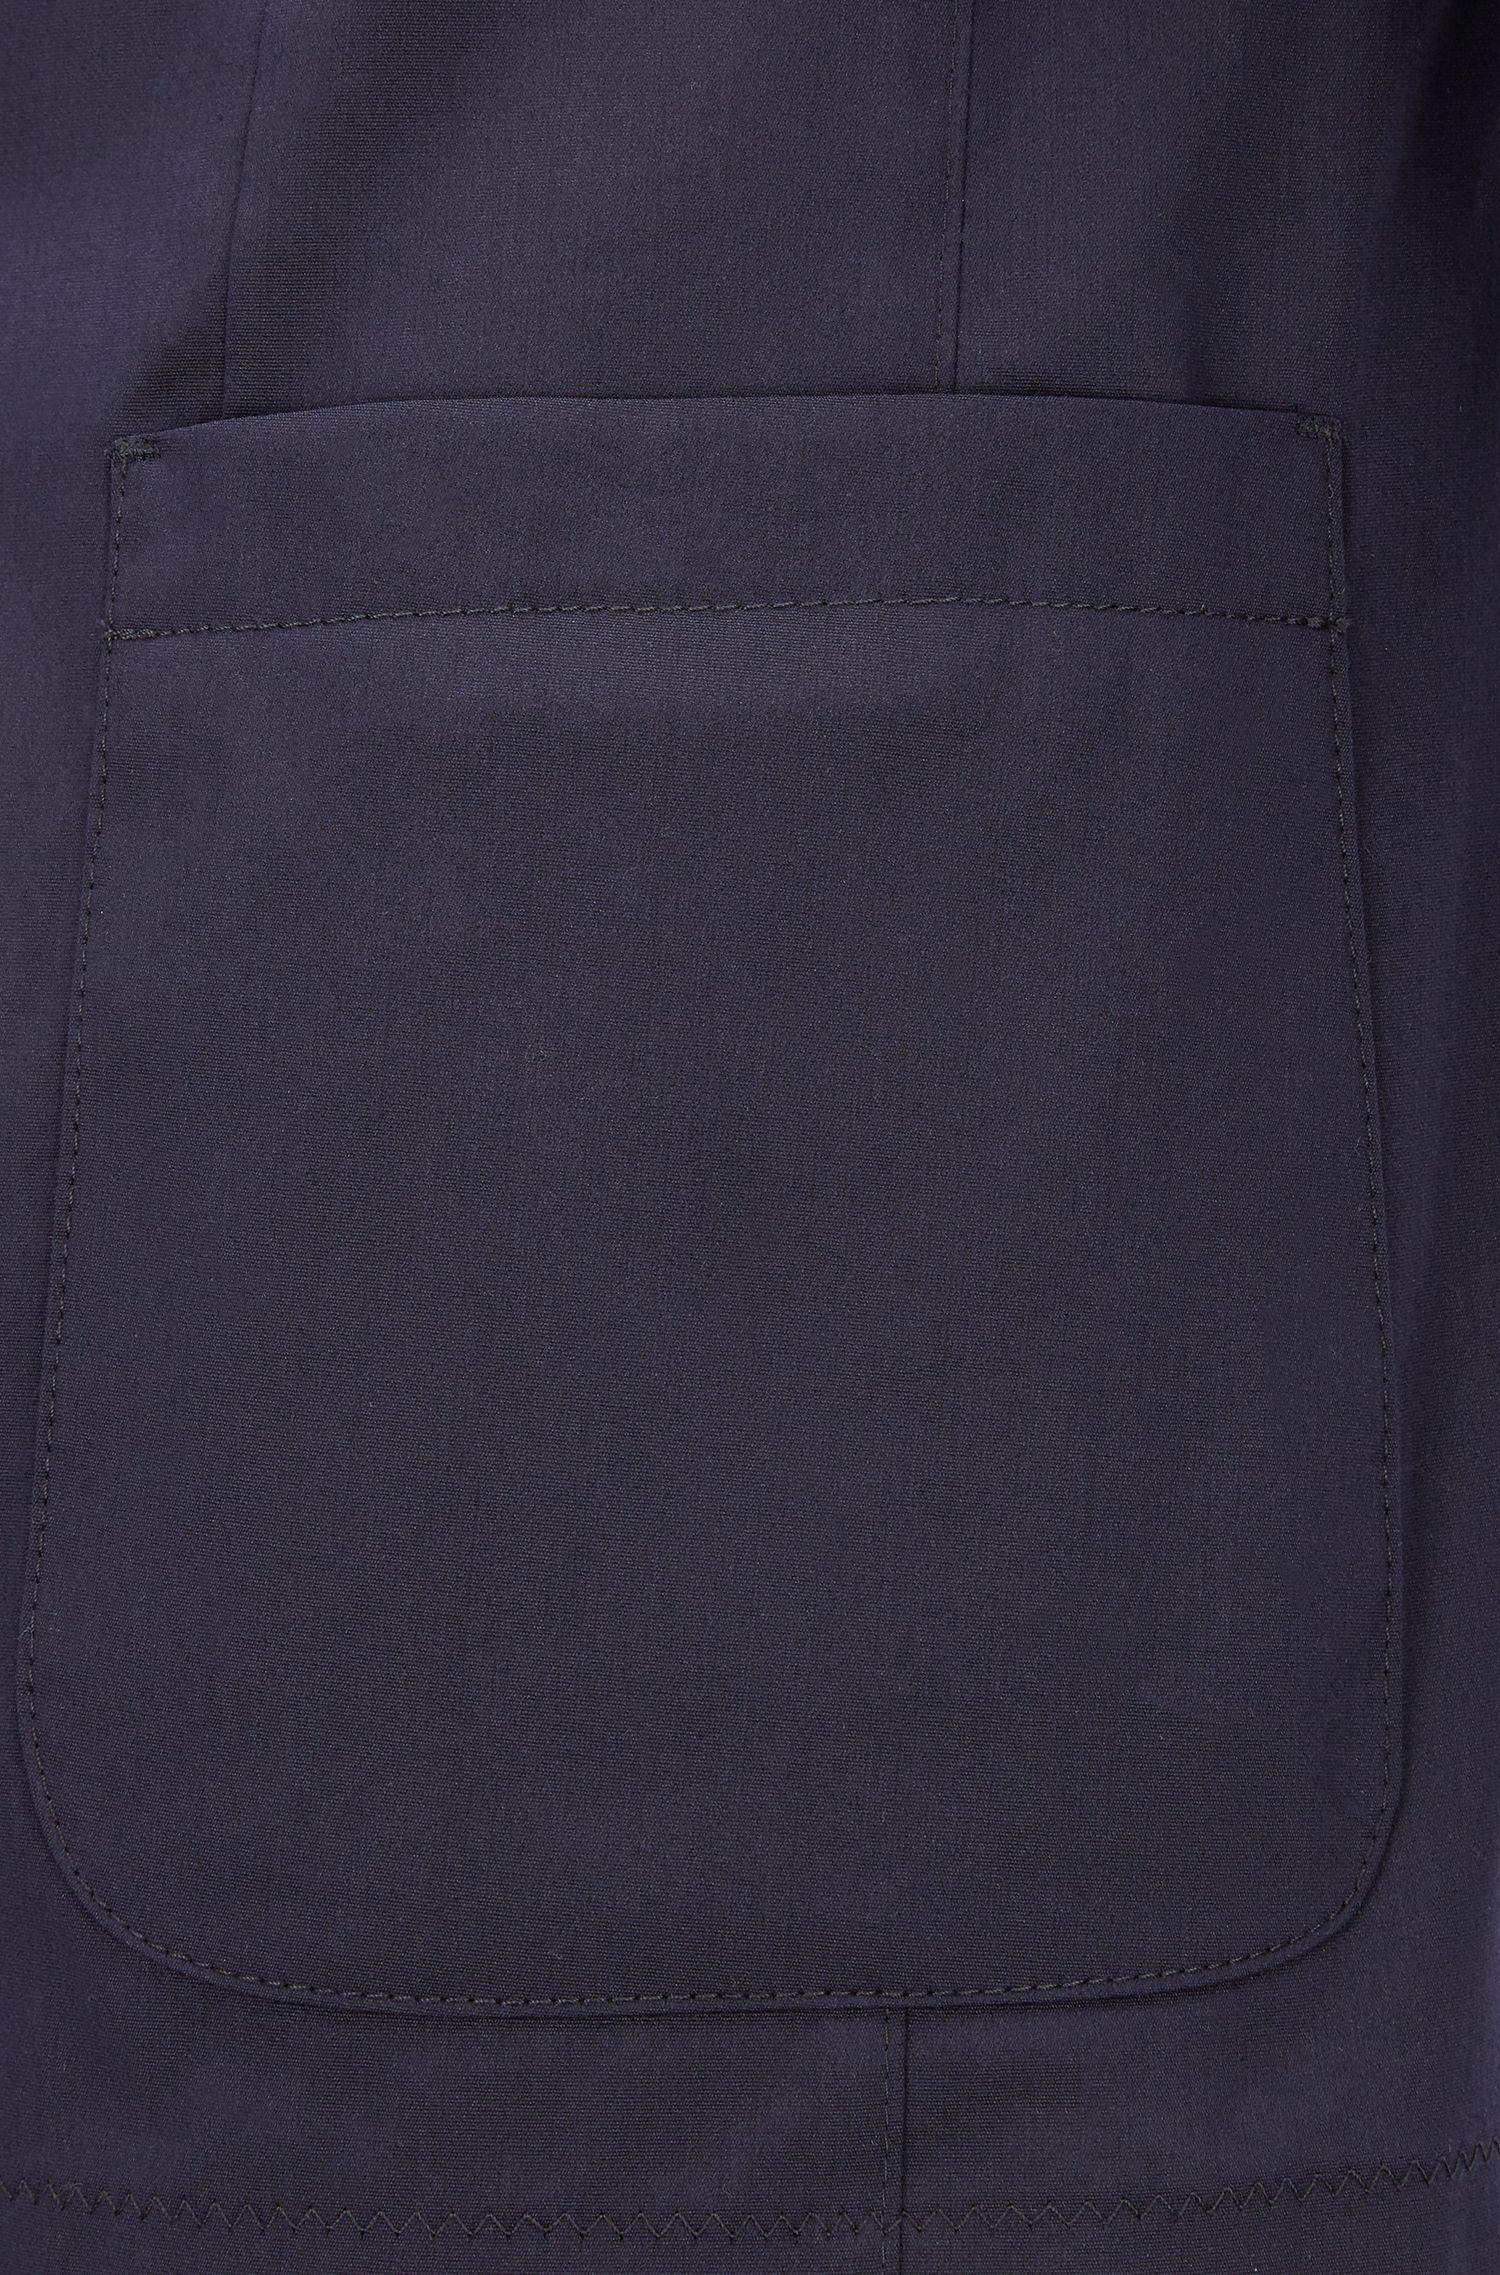 Blazer slim fit en una ligera mezcla de algodón elástico, Azul